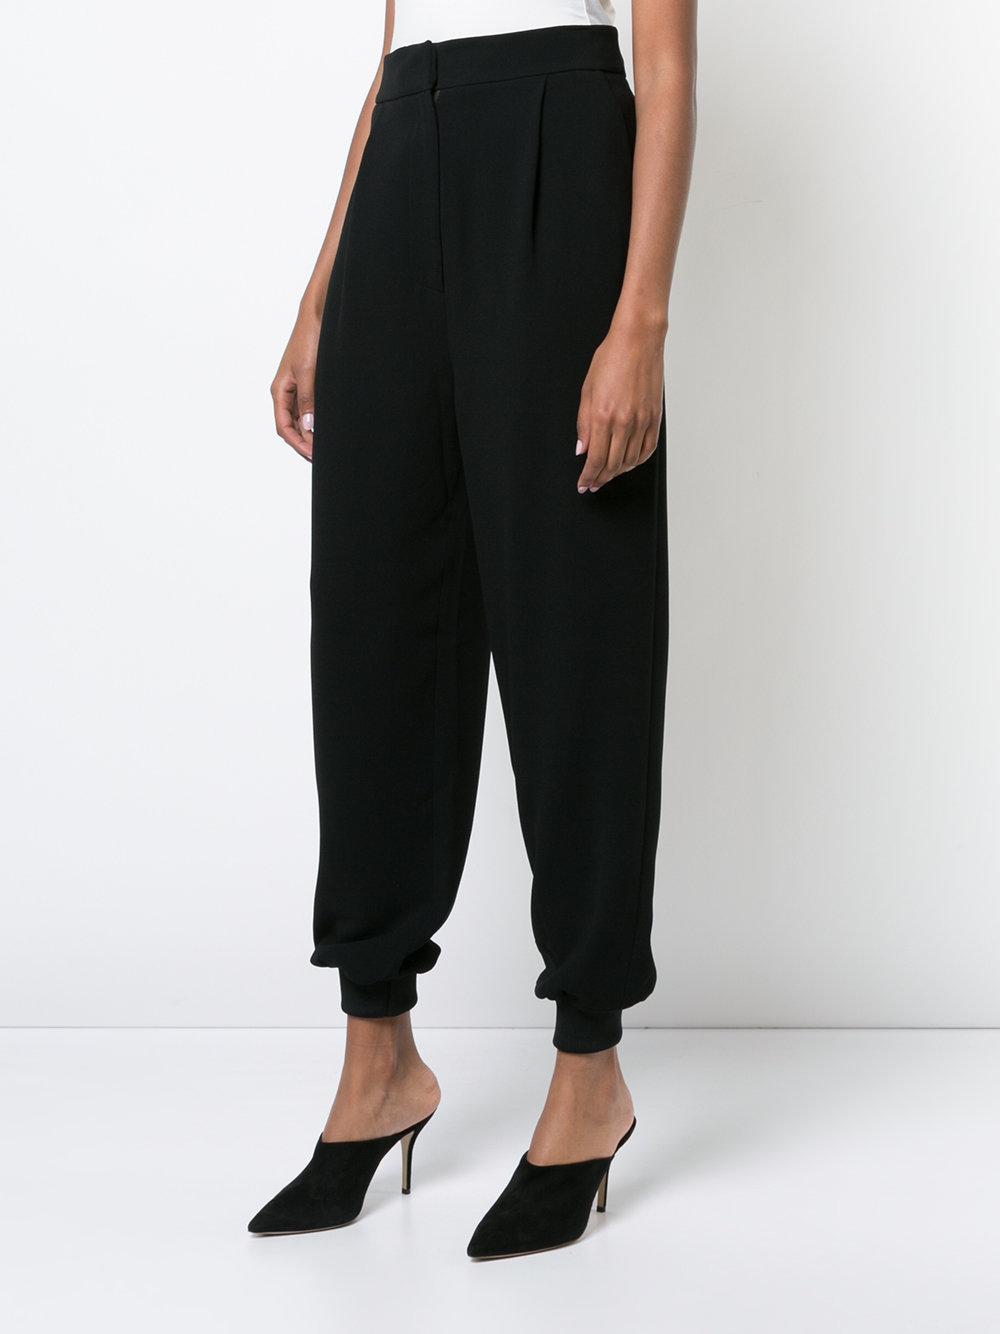 globo pliegues estilo de de de Pantalones con Tibi 4Owanq